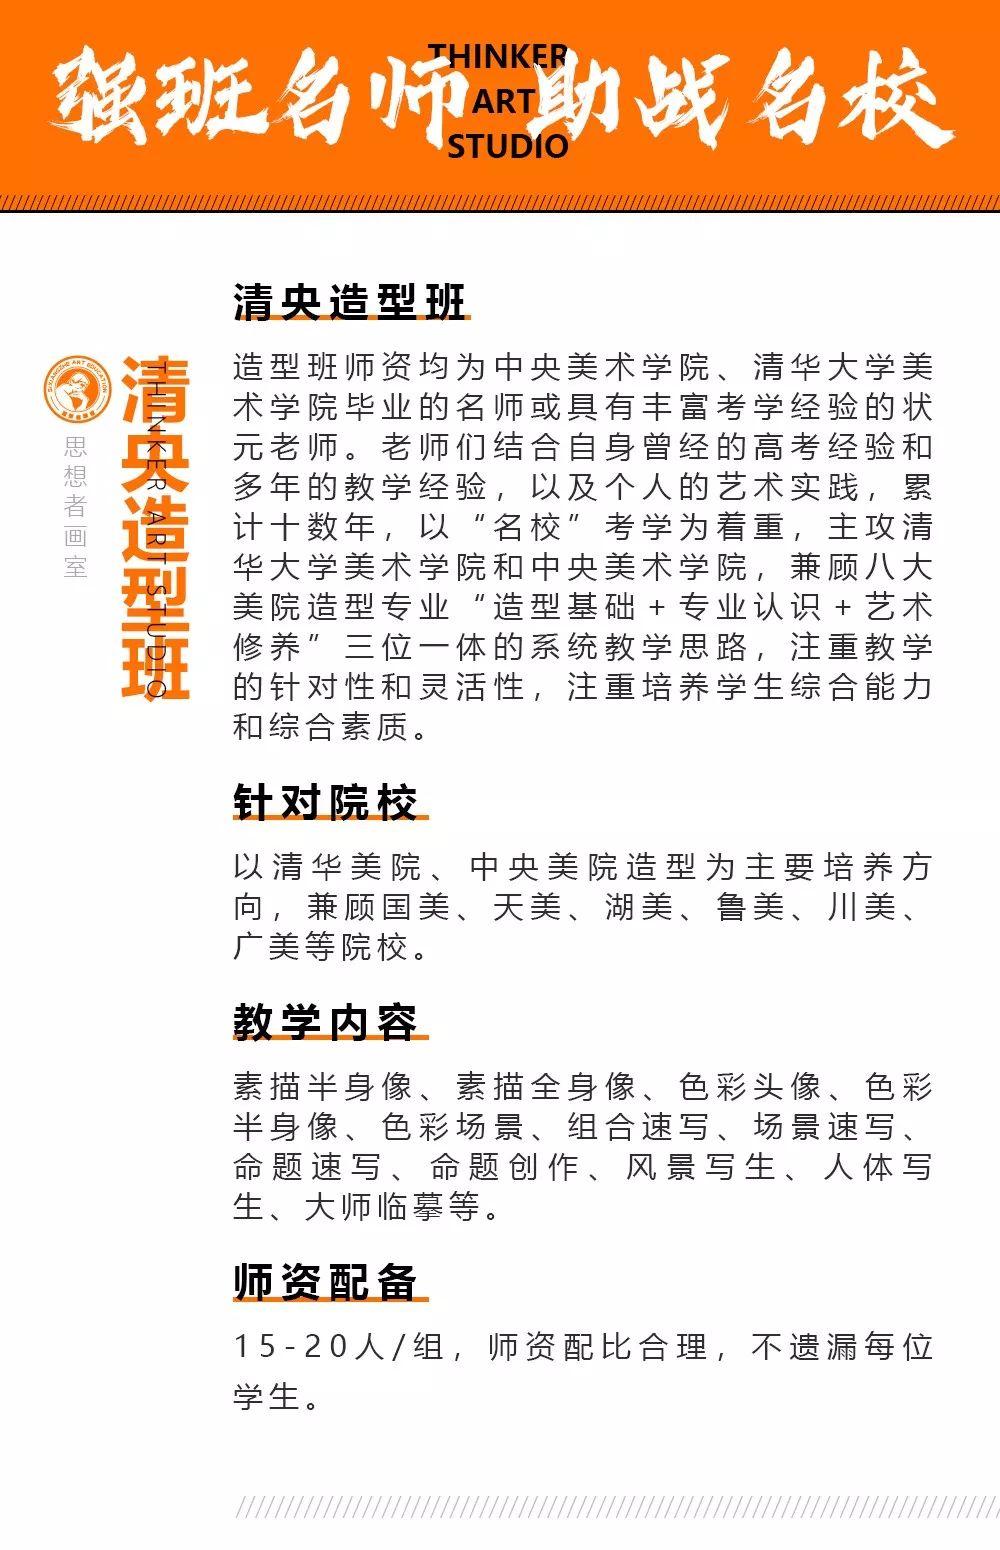 北京思想者画室预报名开启,北京画室招生,北京美术画室    11